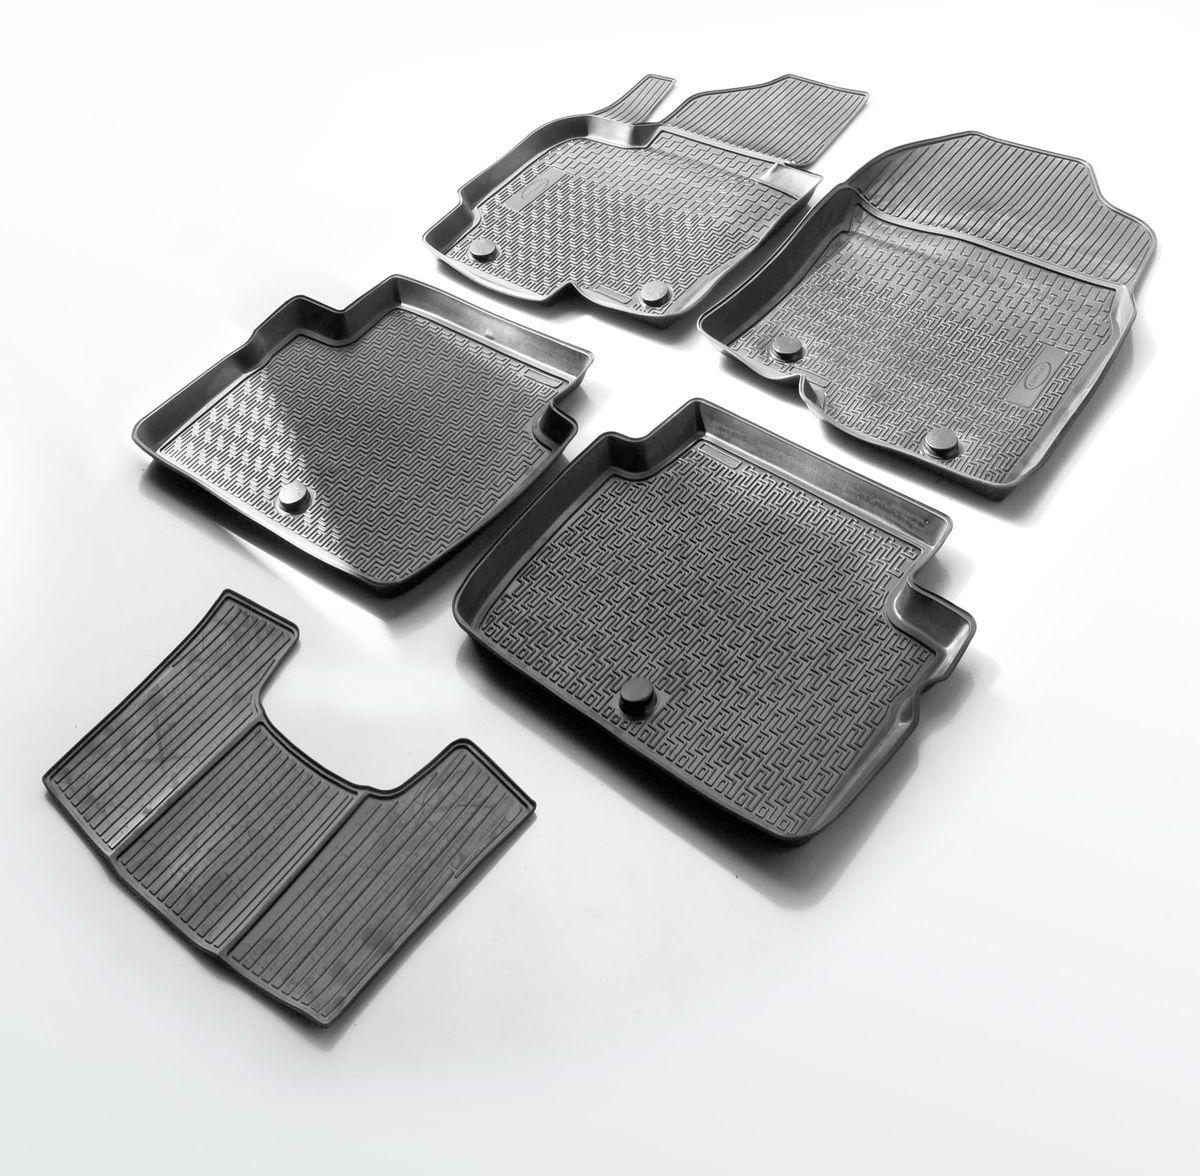 Коврики салона Rival для Hyundai Tucson 2016-, c перемычкой, полиуретан0012309001Прочные и долговечные коврики Rival в салон автомобиля, изготовлены из высококачественного и экологичного сырья, полностью повторяют геометрию салона вашего автомобиля. - Надежная система крепления, позволяющая закрепить коврик на штатные элементы фиксации, в результате чего отсутствует эффект скольжения по салону автомобиля. - Высокая стойкость поверхности к стиранию. - Специализированный рисунок и высокий борт, препятствующие распространению грязи и жидкости по поверхности коврика. - Перемычка задних ковриков в комплекте предотвращает загрязнение тоннеля карданного вала. - Произведены из первичных материалов, в результате чего отсутствует неприятный запах в салоне автомобиля. - Высокая эластичность, можно беспрепятственно эксплуатировать при температуре от -45 ?C до +45 ?C. Уважаемые клиенты! Обращаем ваше внимание, что коврики имеет форму соответствующую модели данного автомобиля. Фото служит для визуального восприятия товара.